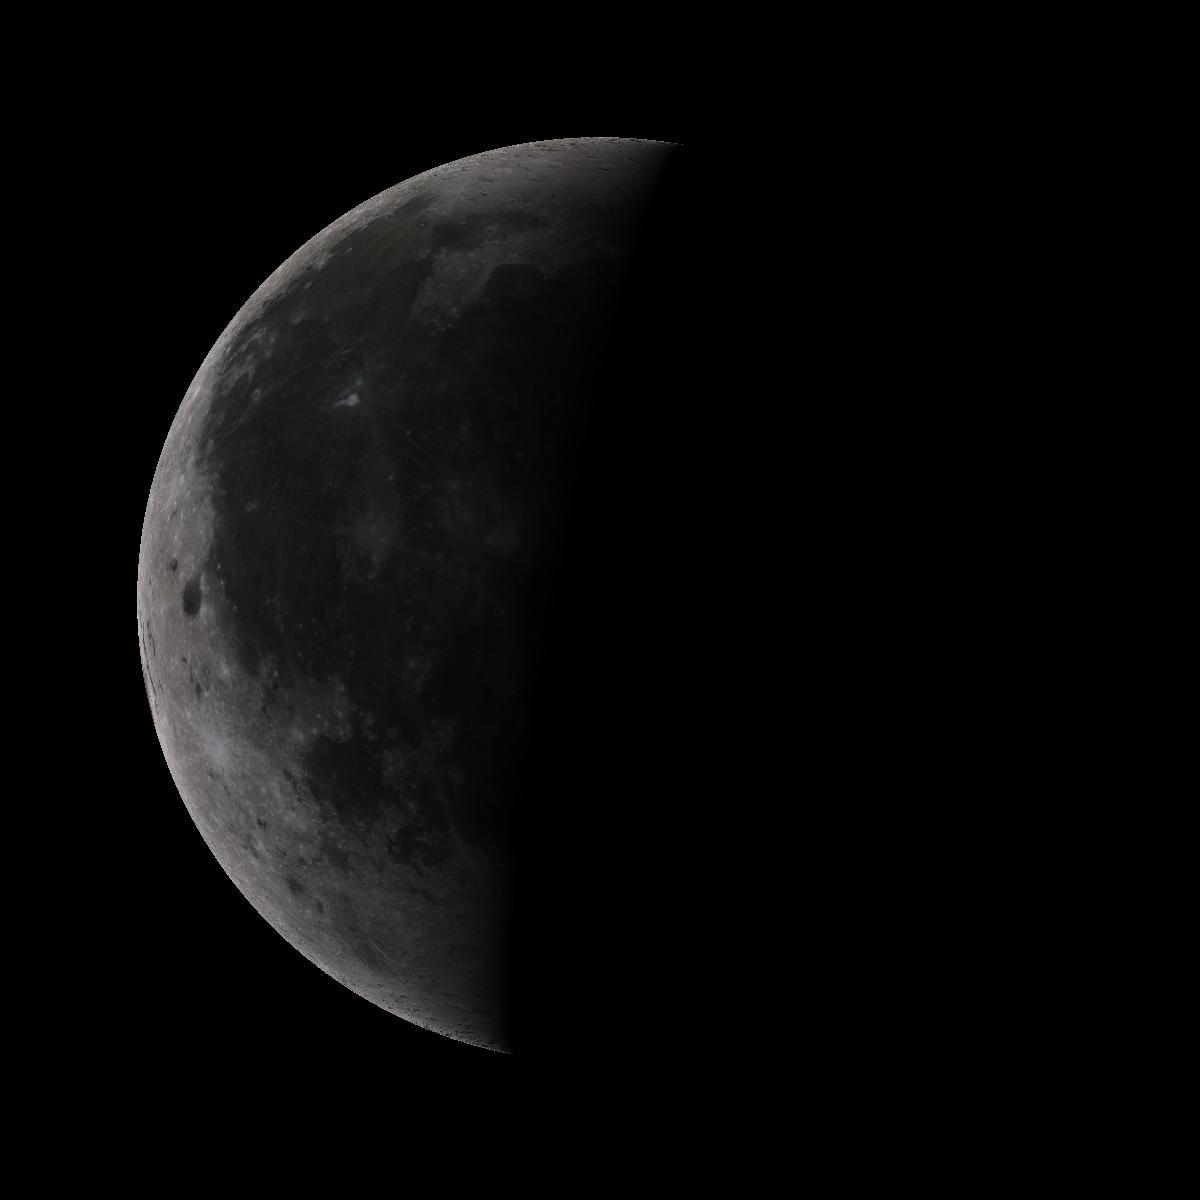 Lune du 24 aout 2019